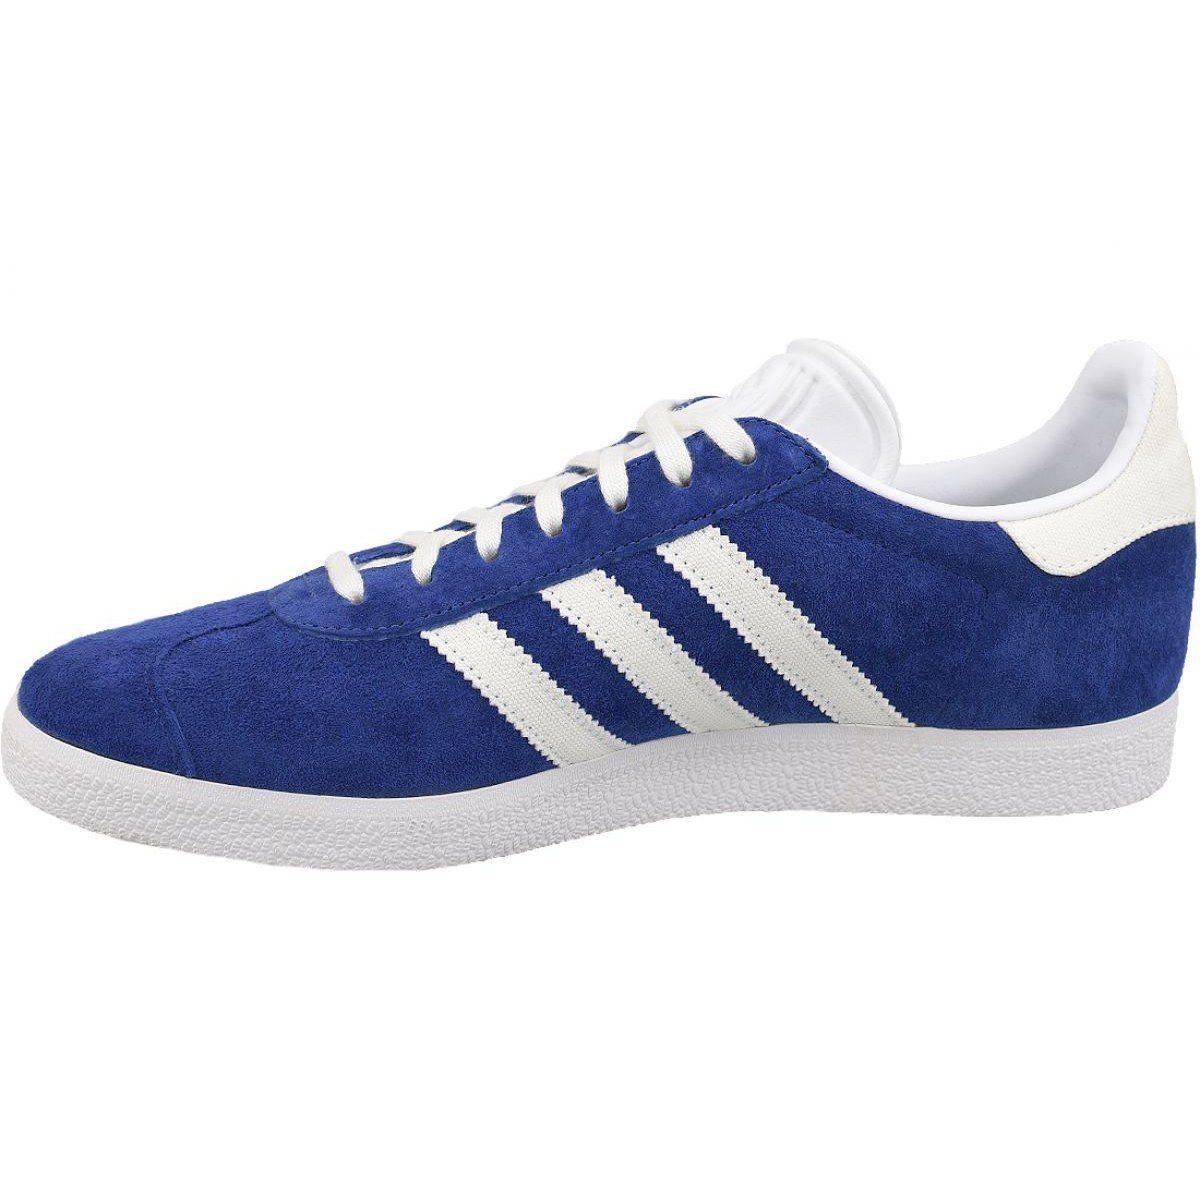 adidas Gazelle B41648